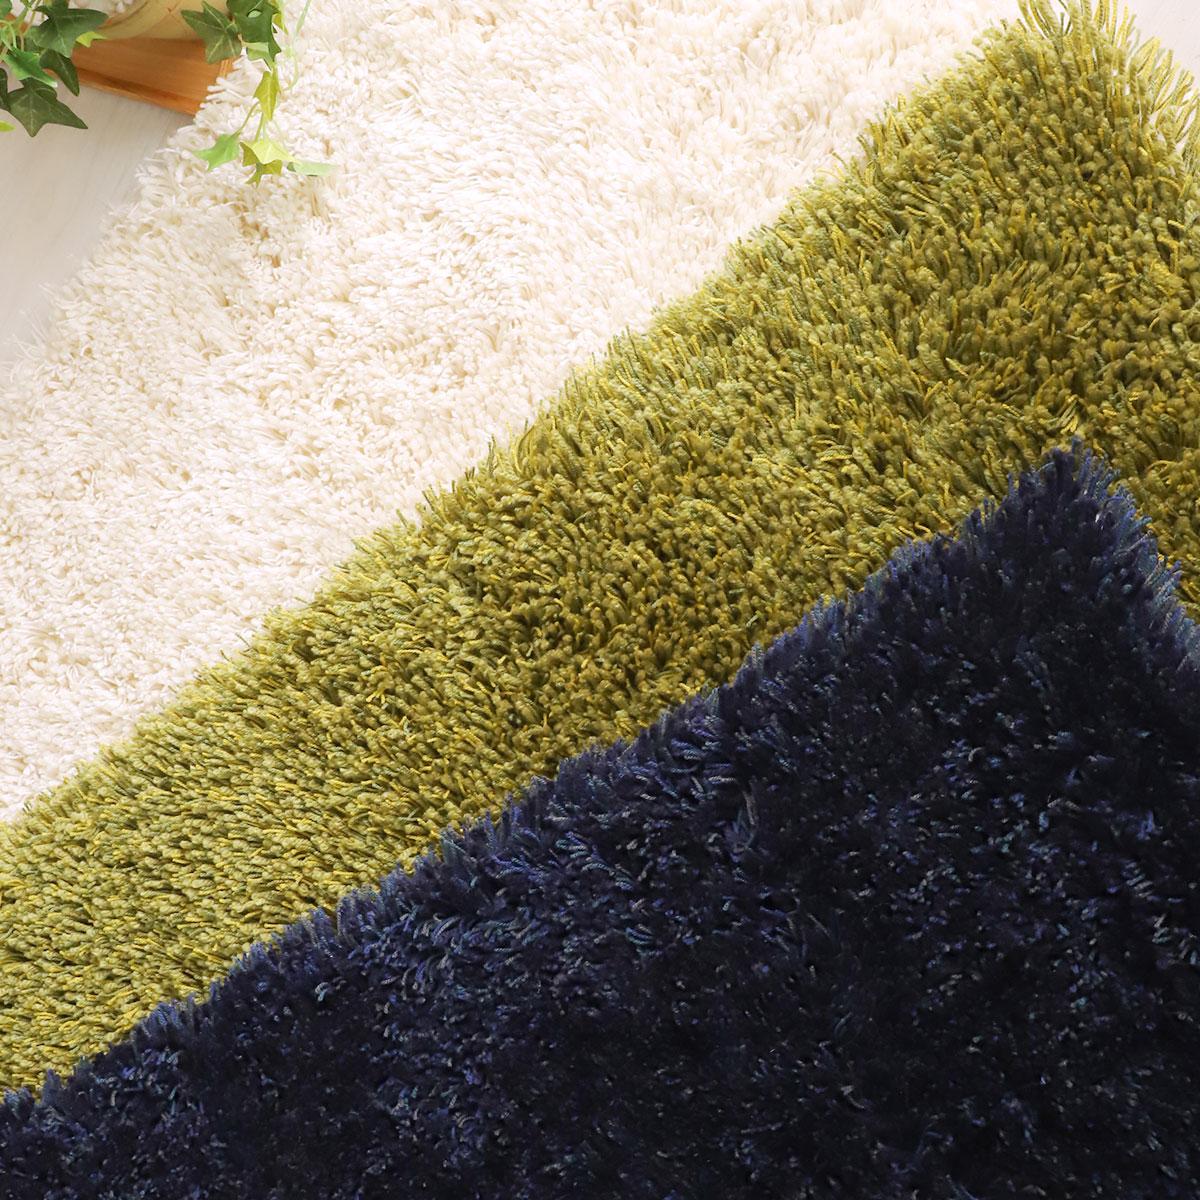 糸の太さや色が異なる質感が気持ちいい国産シャギーラグ「ブルーム」